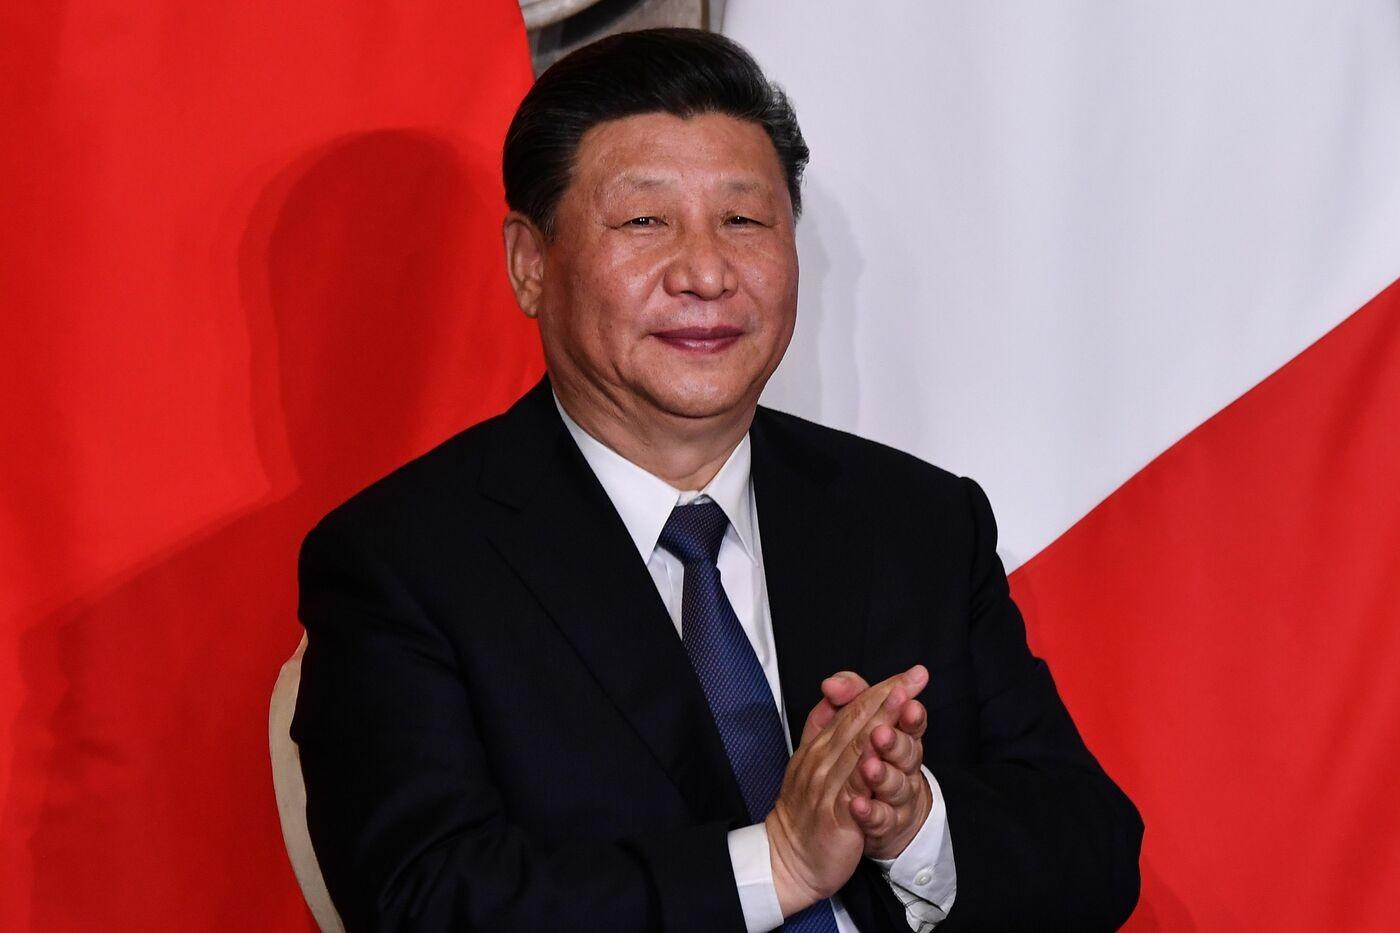 """Via della seta, Xi: """"Sostenibilità finanziaria, trasparenza e zero corruzione"""". Conte a Pechino: """"Riprendere dialogo iniziato a Roma"""""""